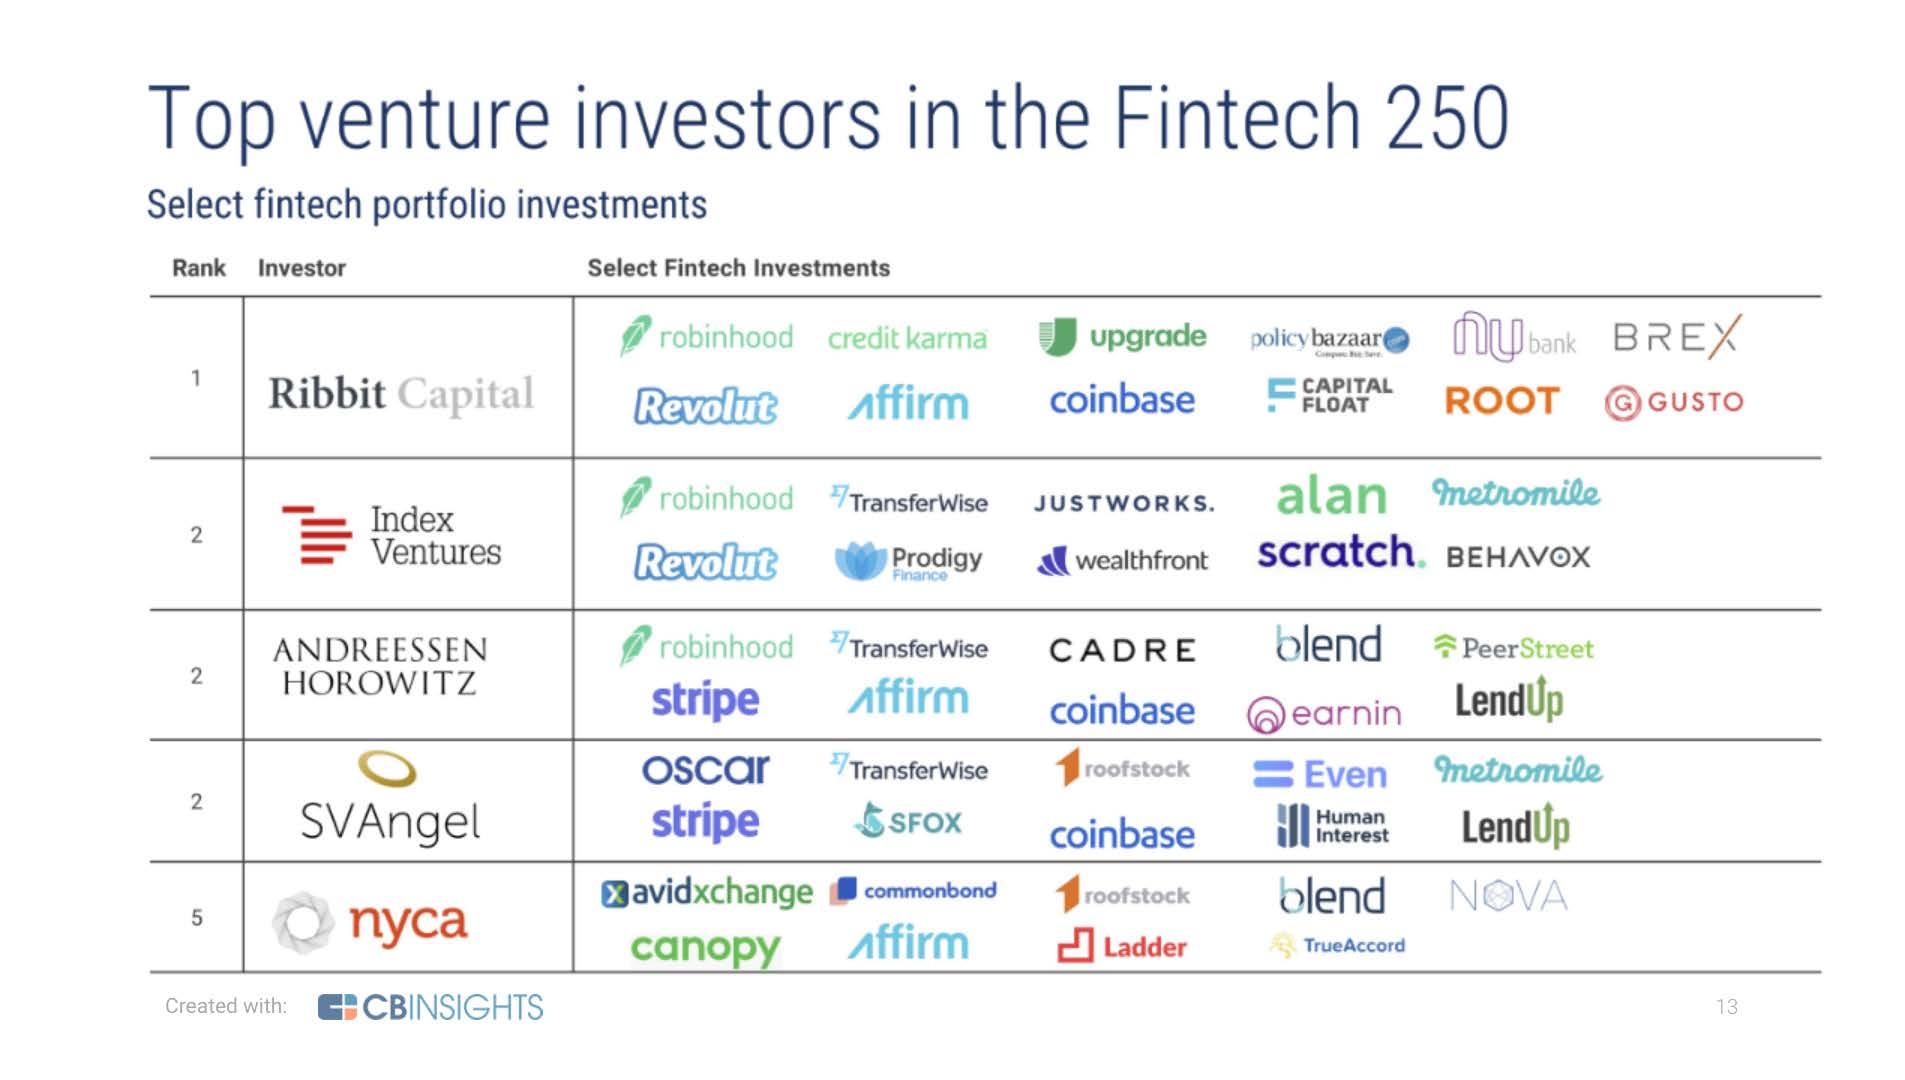 Top Fintech Venture Investors